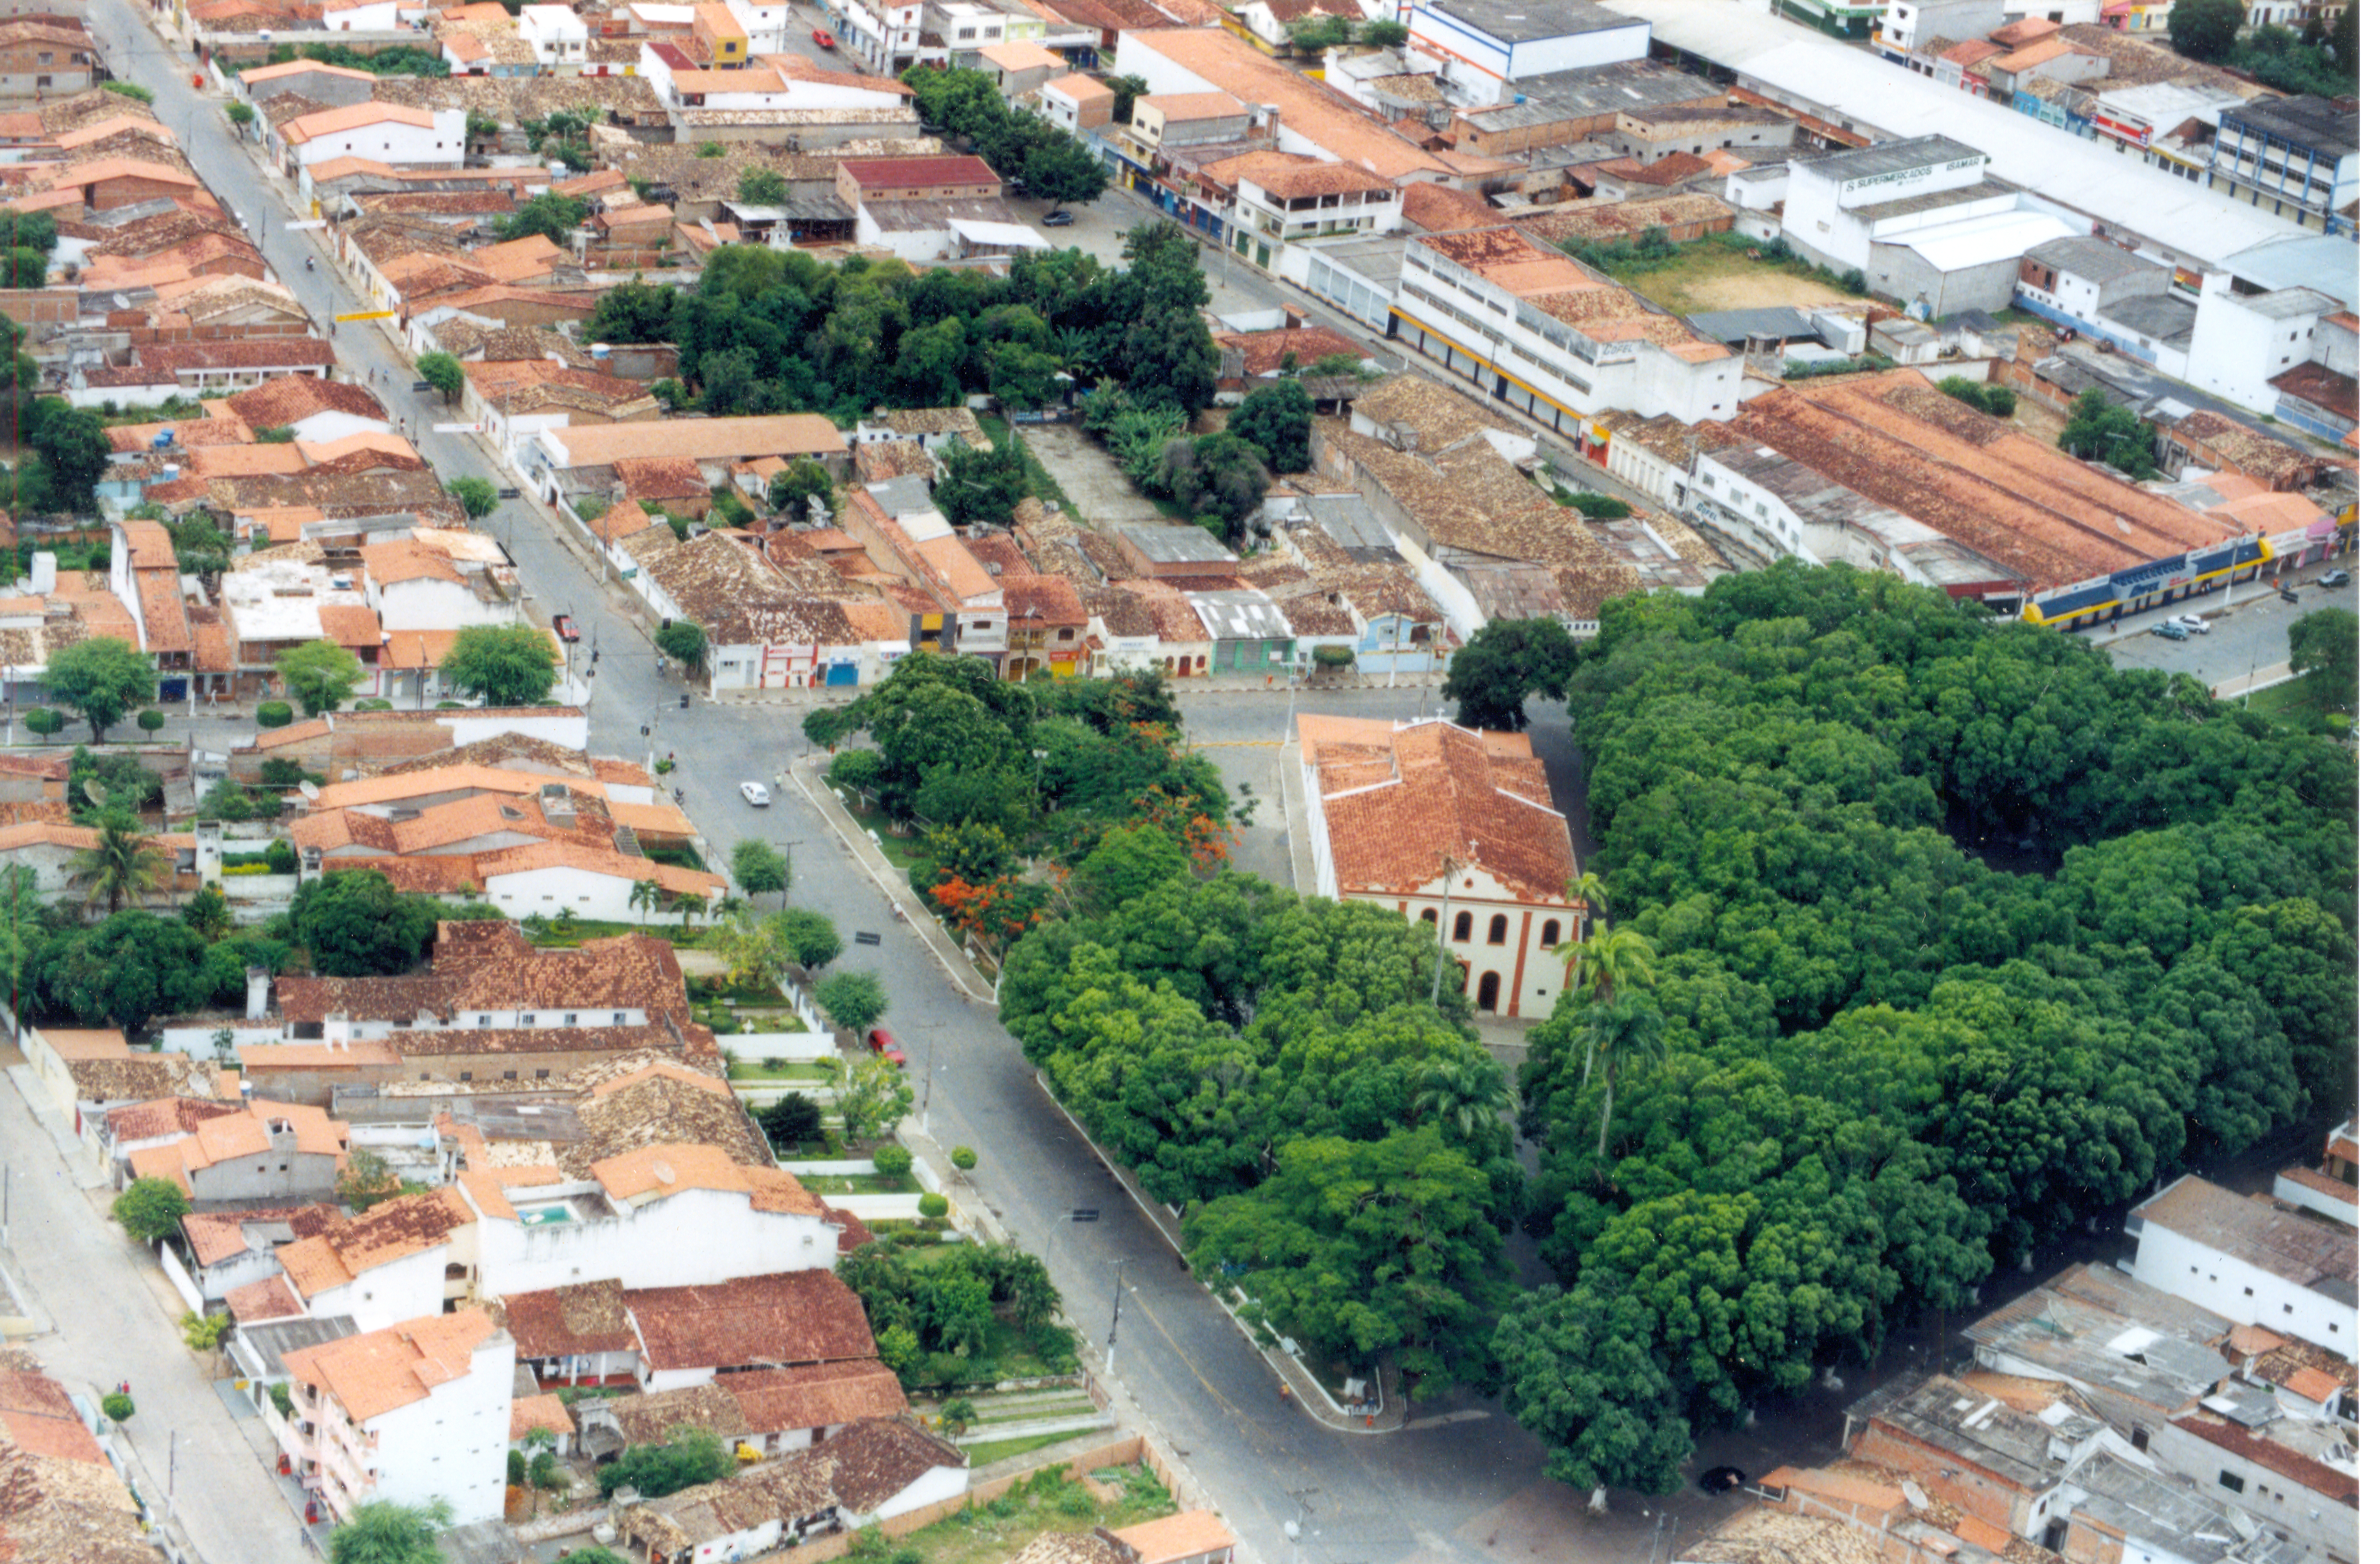 FOTO DA CIDADE 5